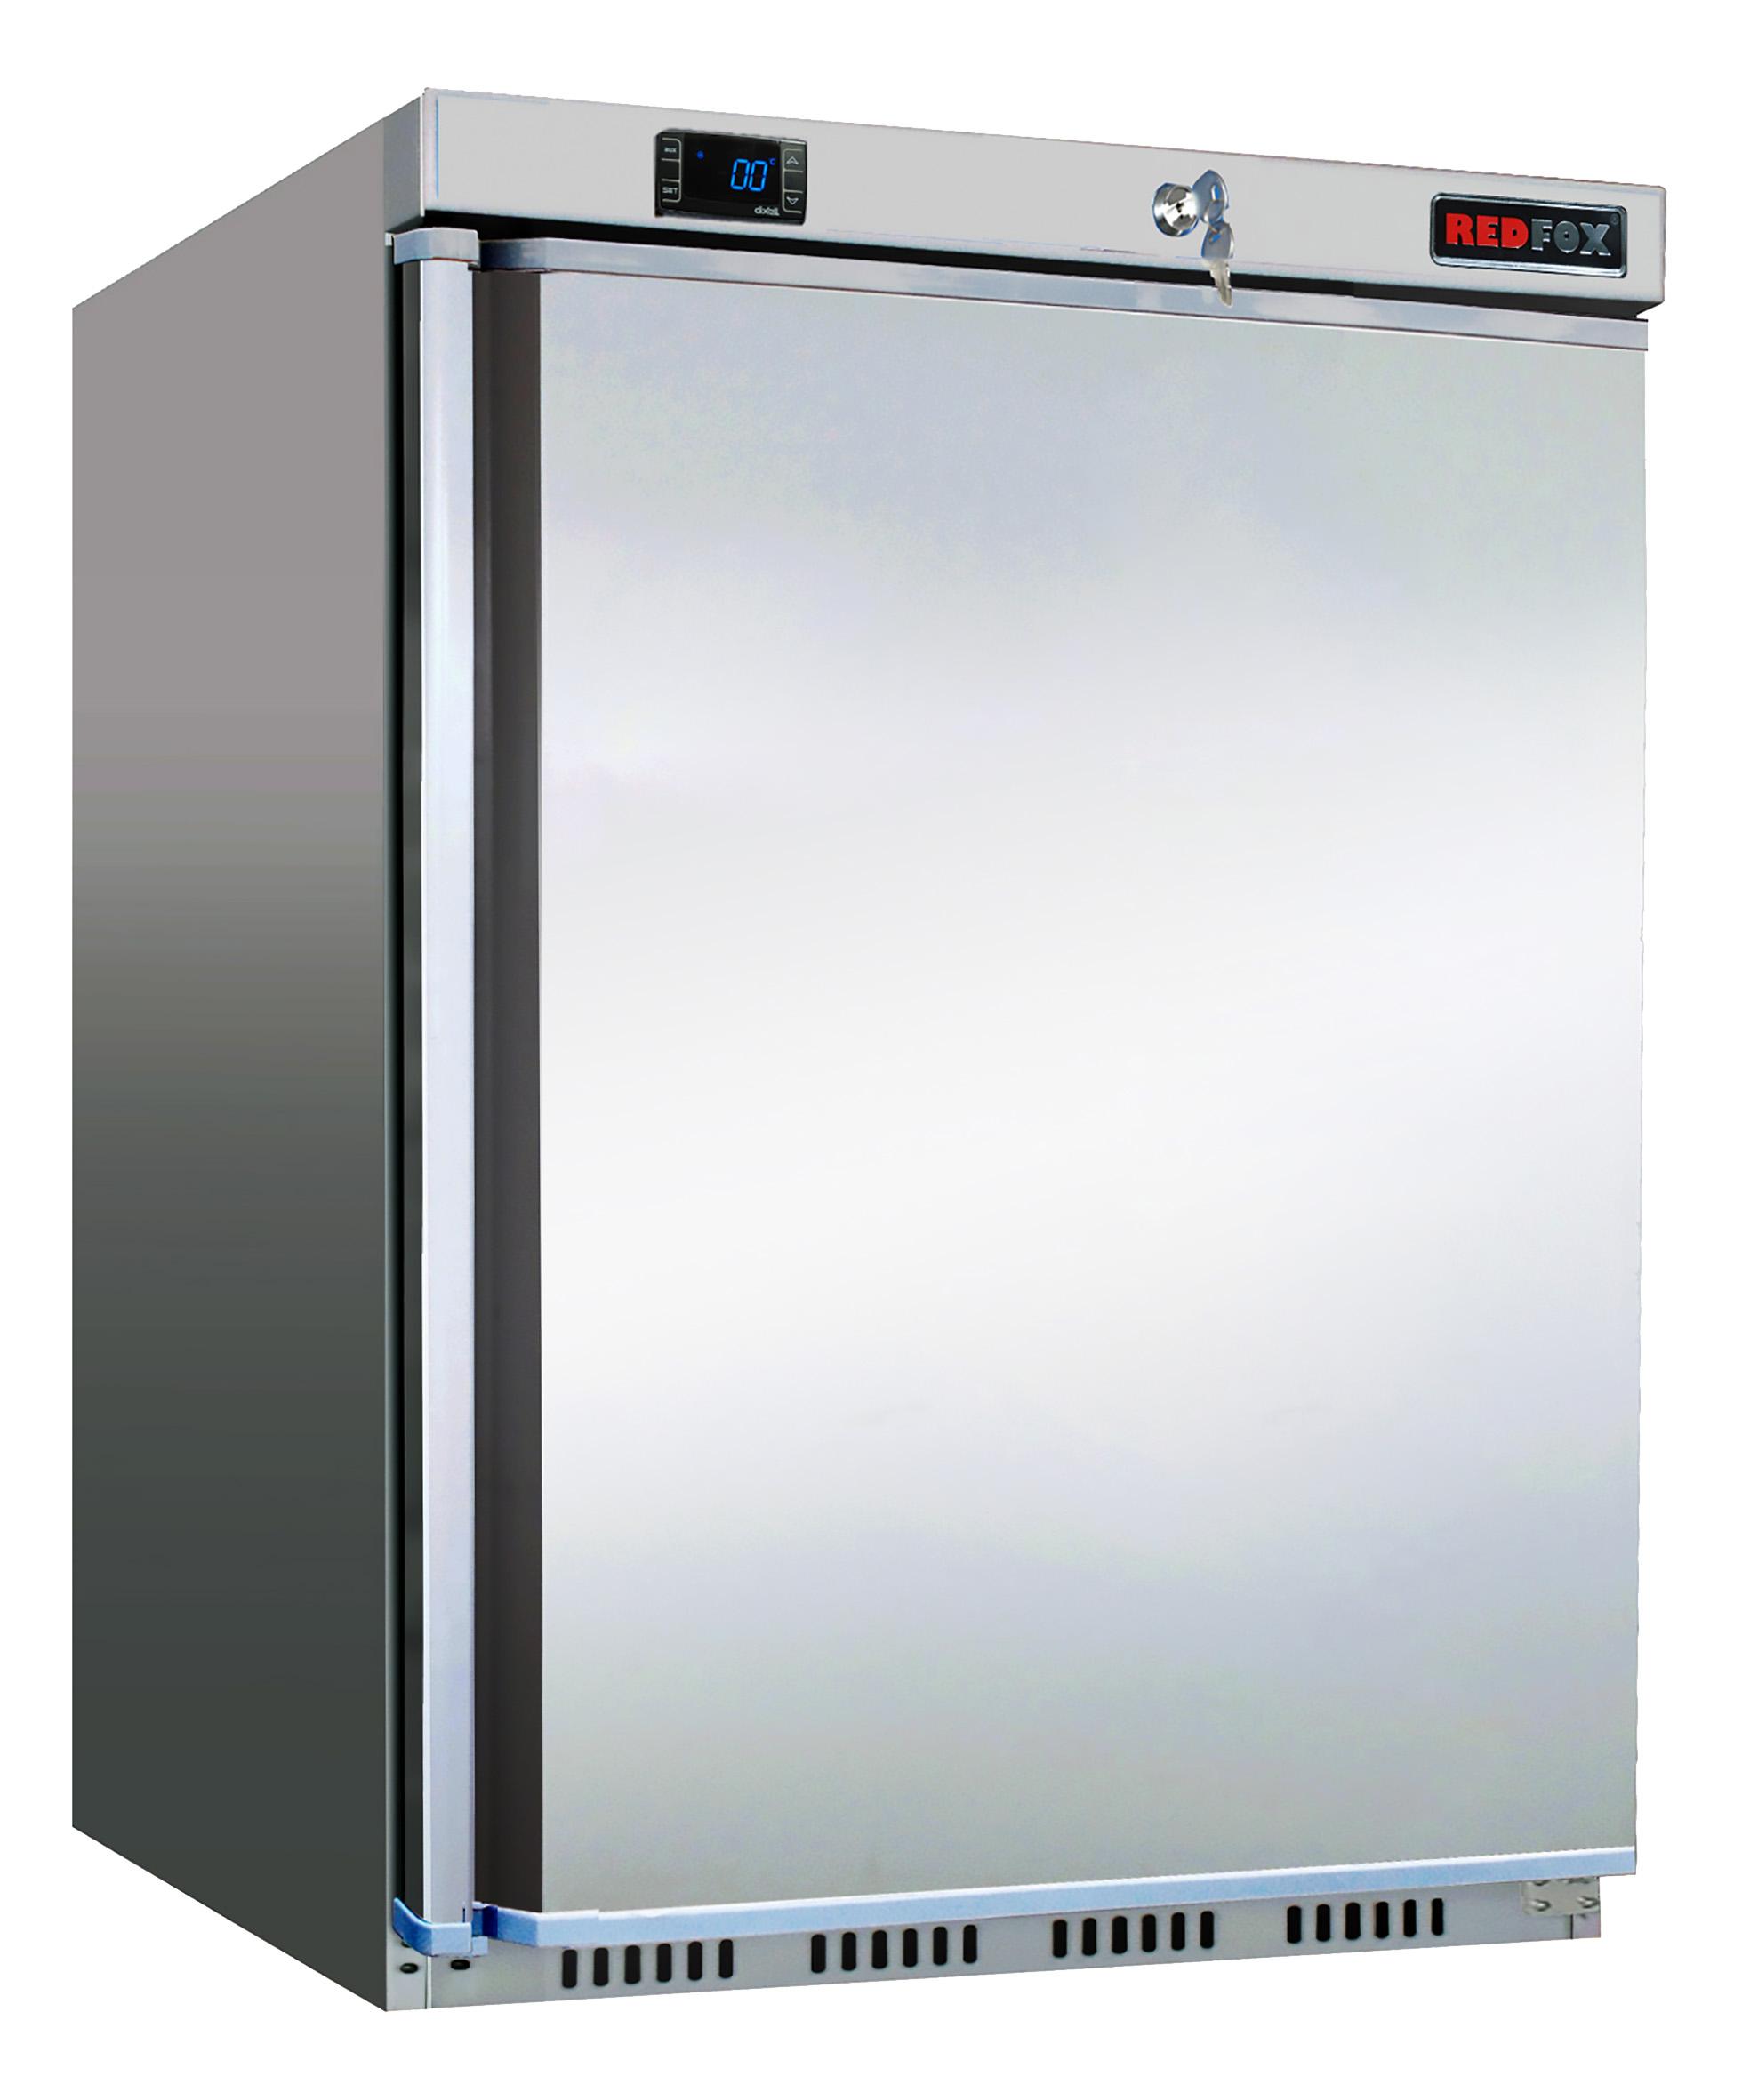 Skříň mrazící HF 200/S mraznice malá nerezová REDFOX